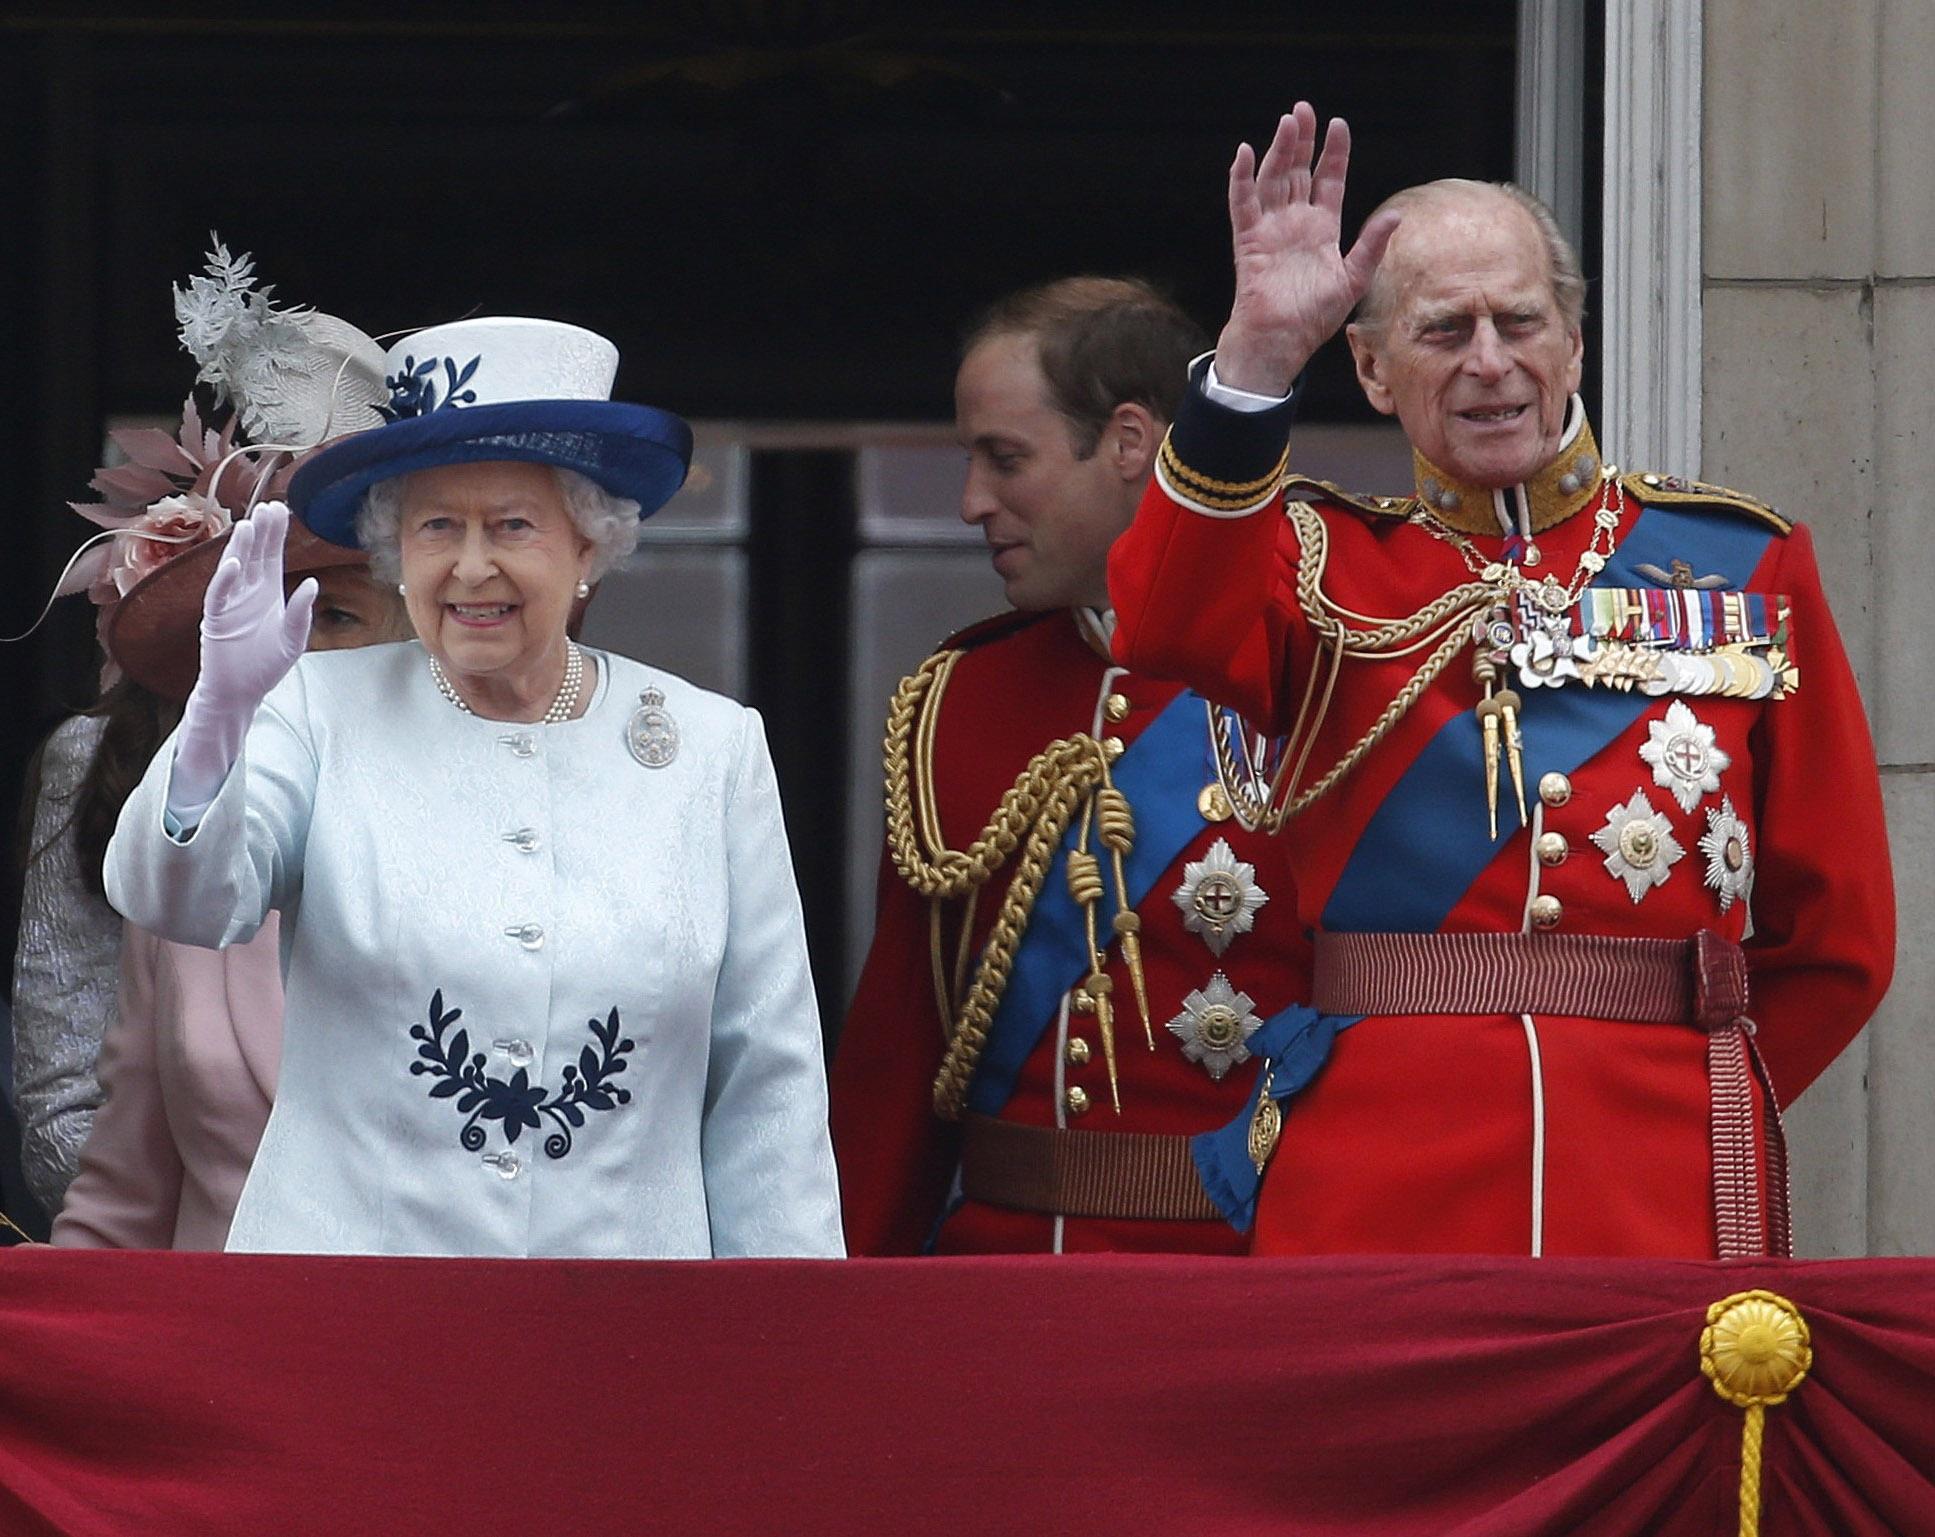 En el 2017, la reina se convirtió en la primera monarca en la historia de su país en celebrar sus bodas de titanio, luego de 70 años de matrimonio. (AP)